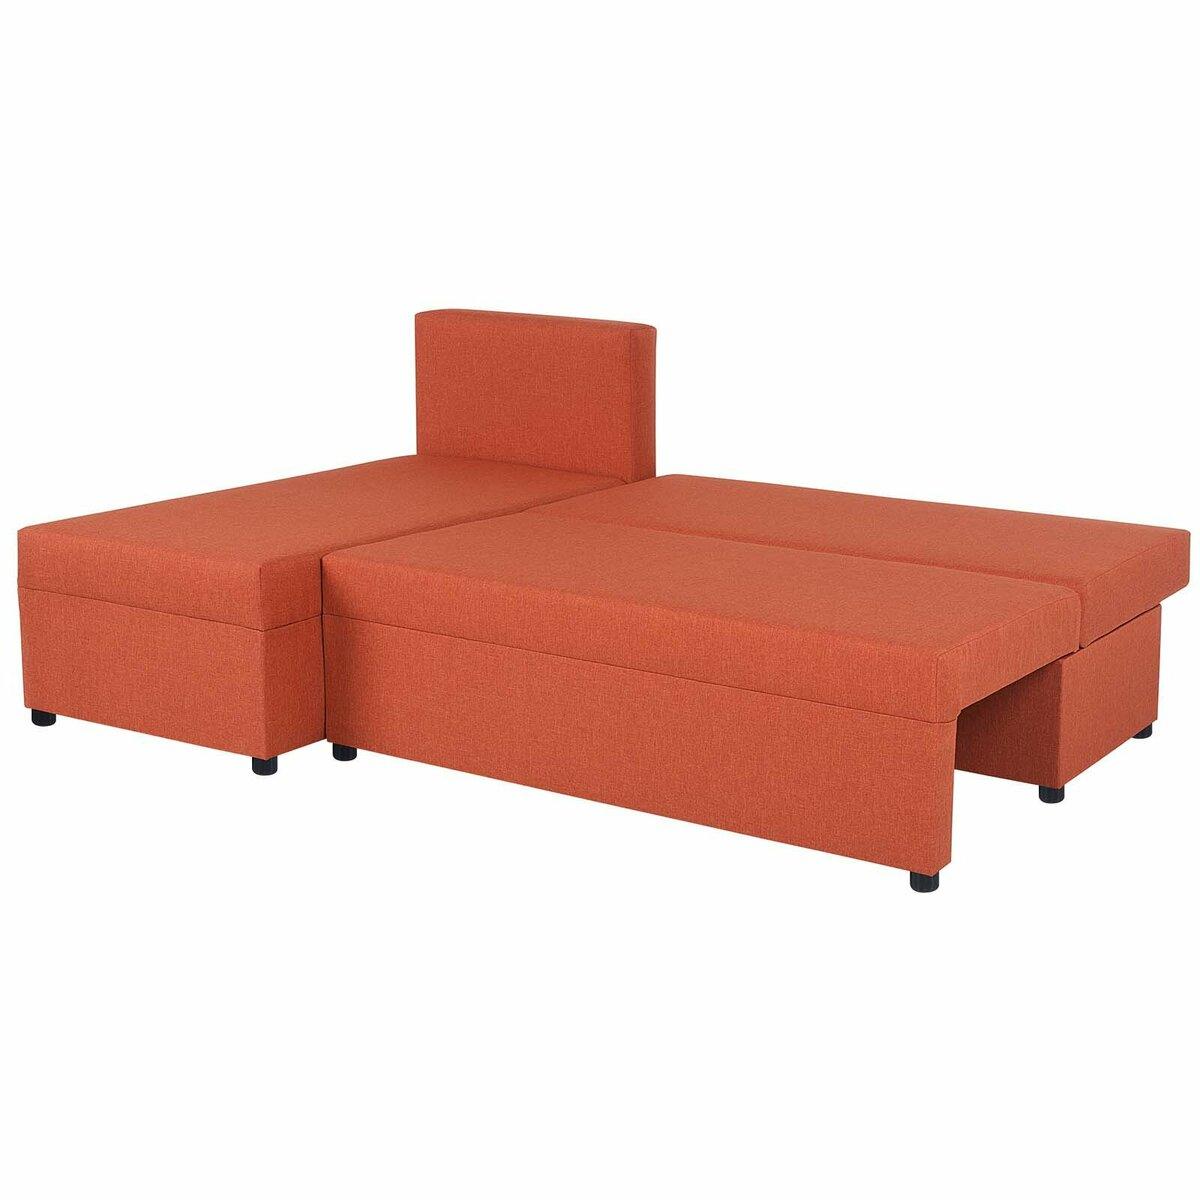 Bild 2 von Ecksofa - orange - Webstoff - mit Liegefunktion